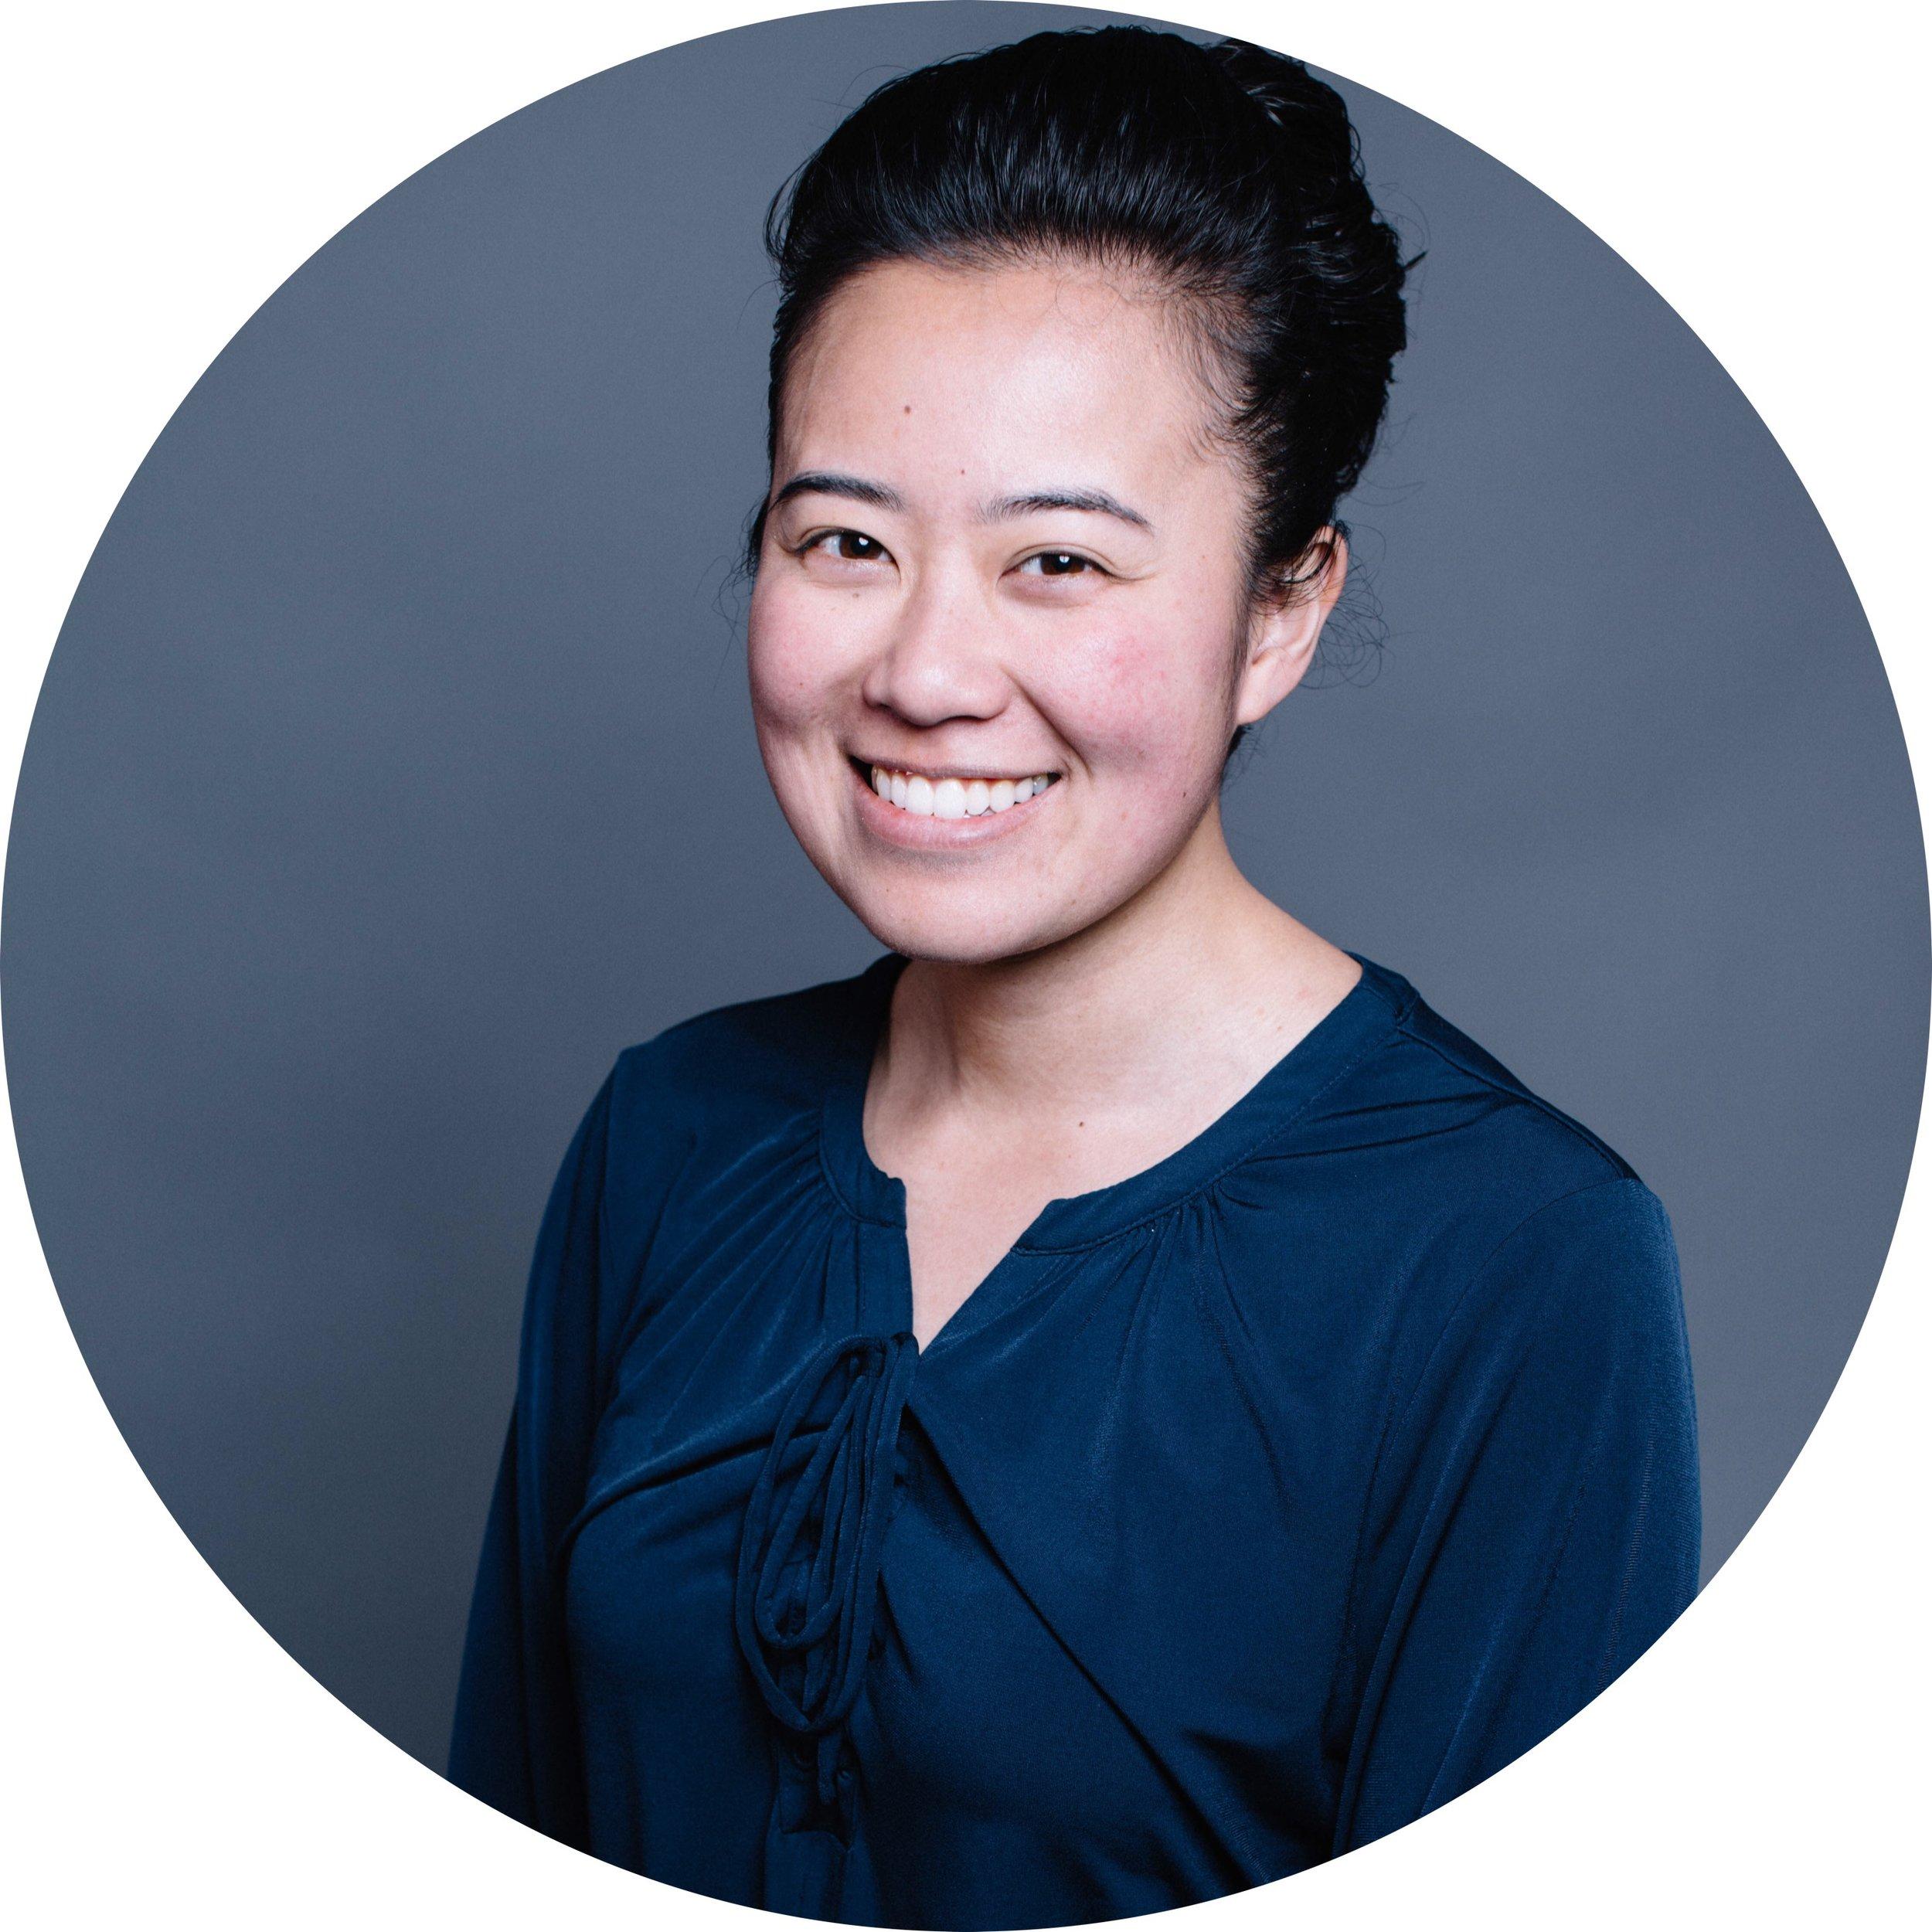 Ministro de Educación - Jessica Trinh